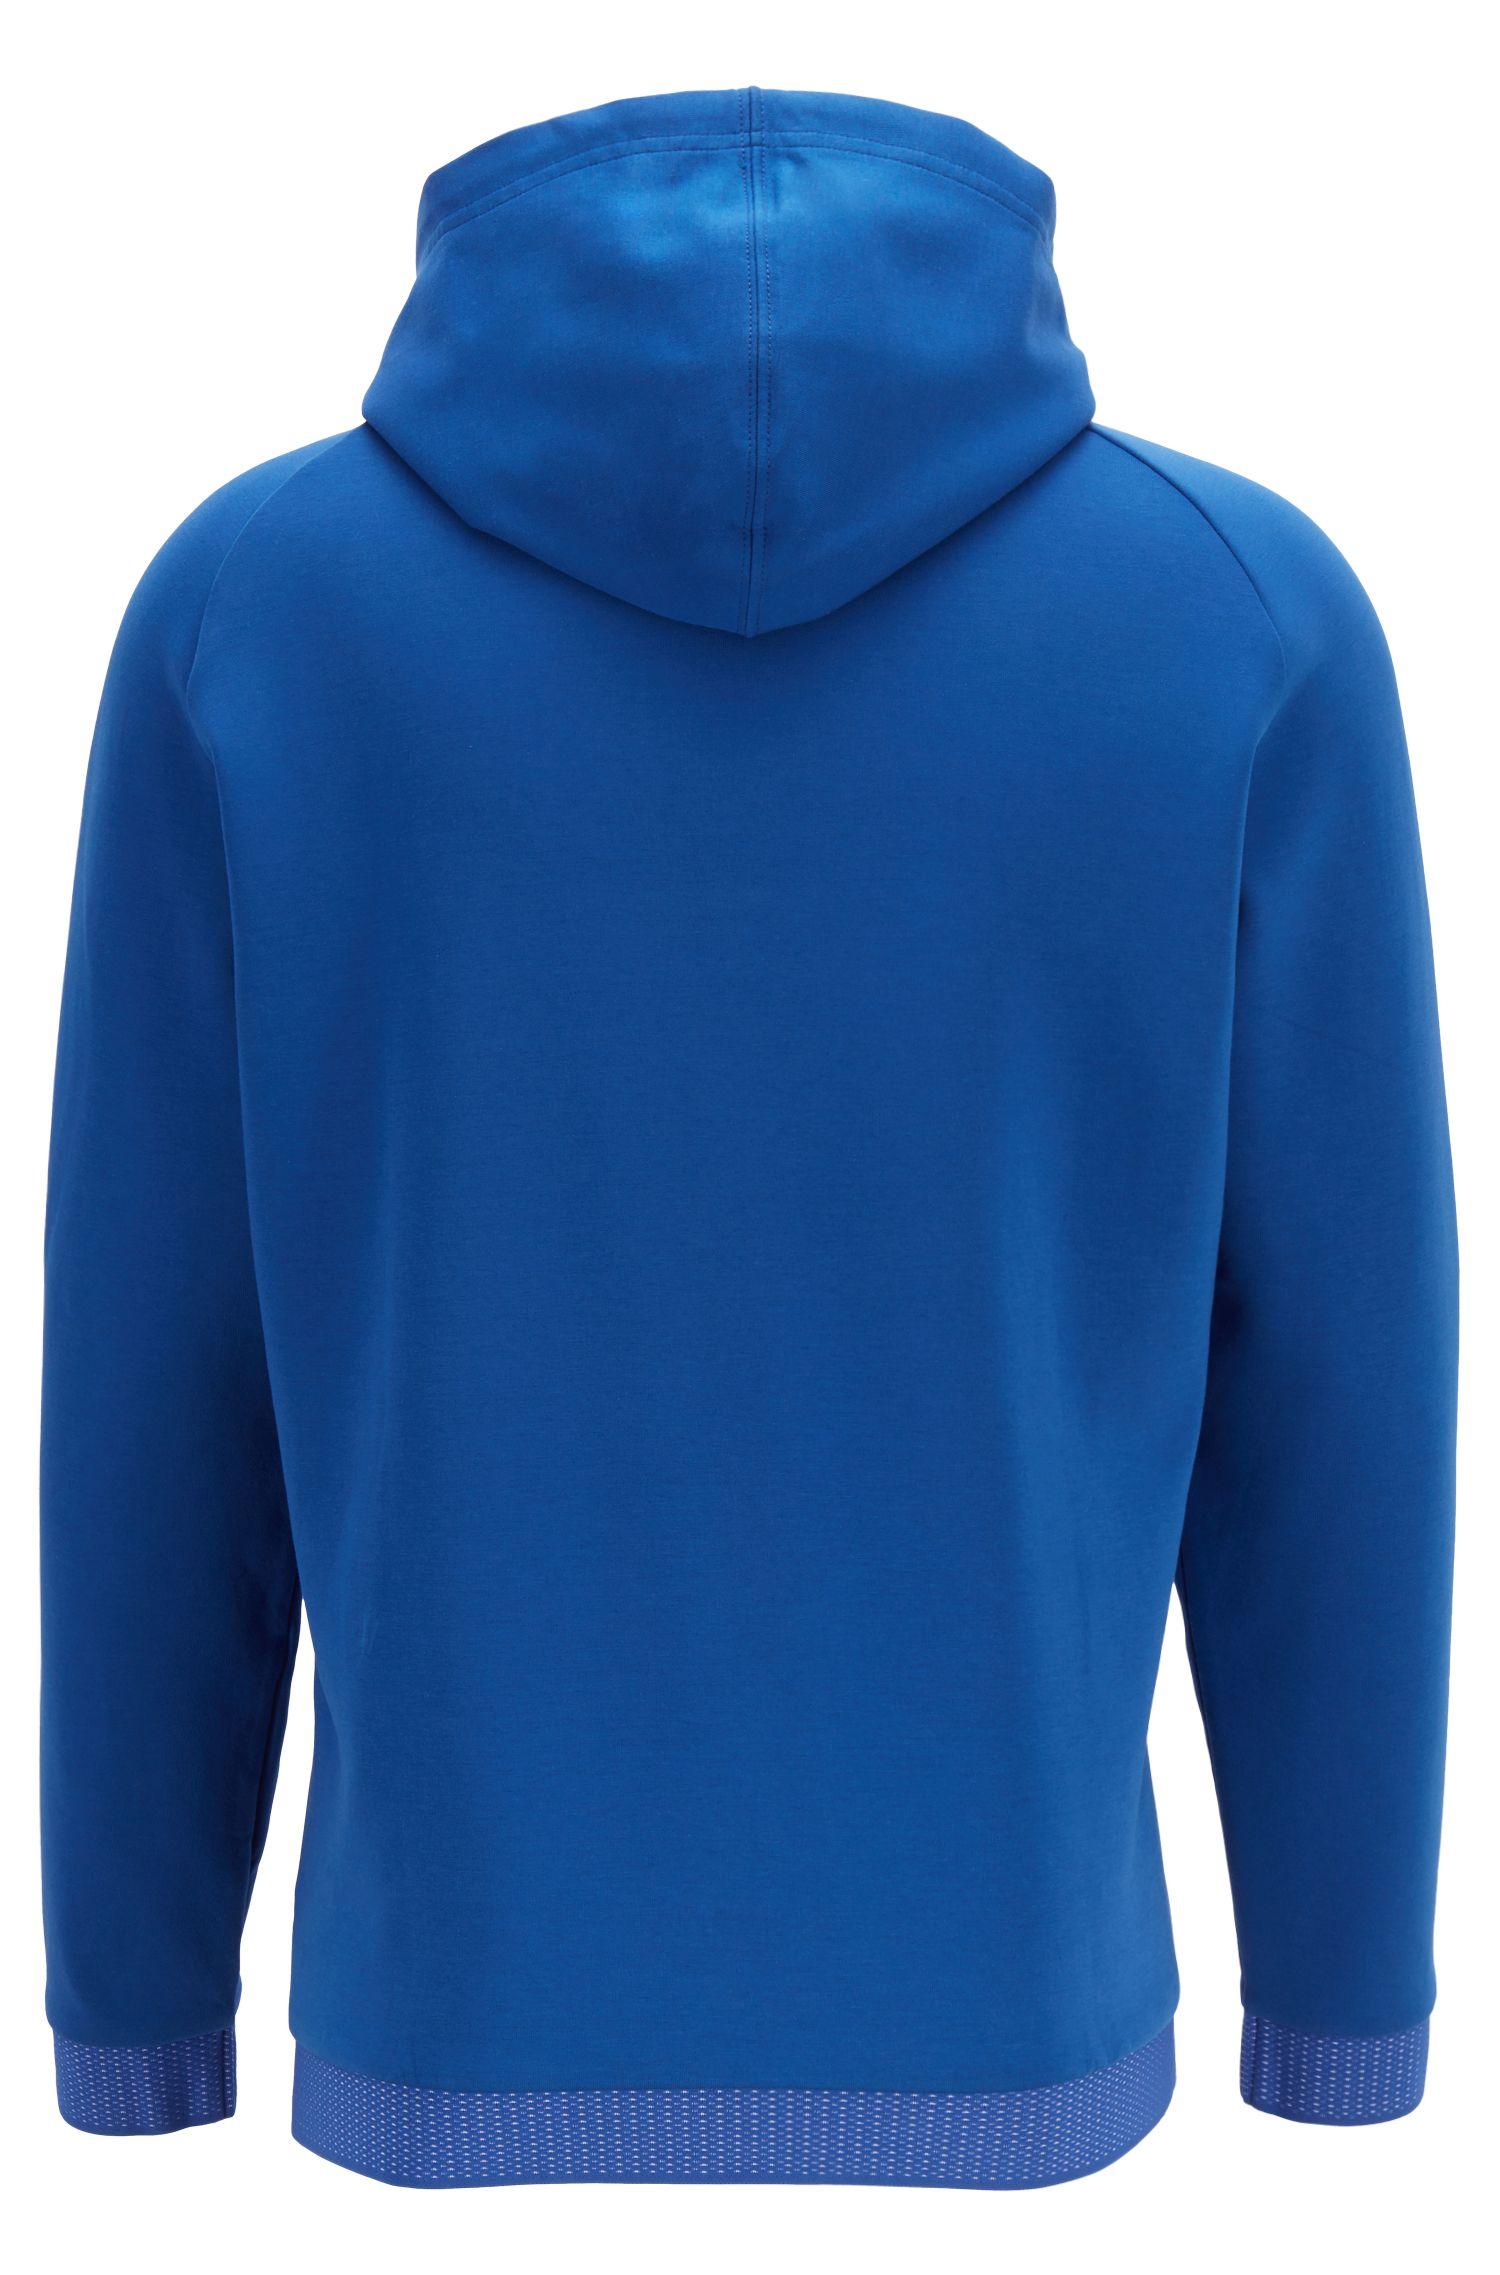 Kapuzen-Sweatshirt aus Baumwoll-Mix mit Reißverschluss, Blau